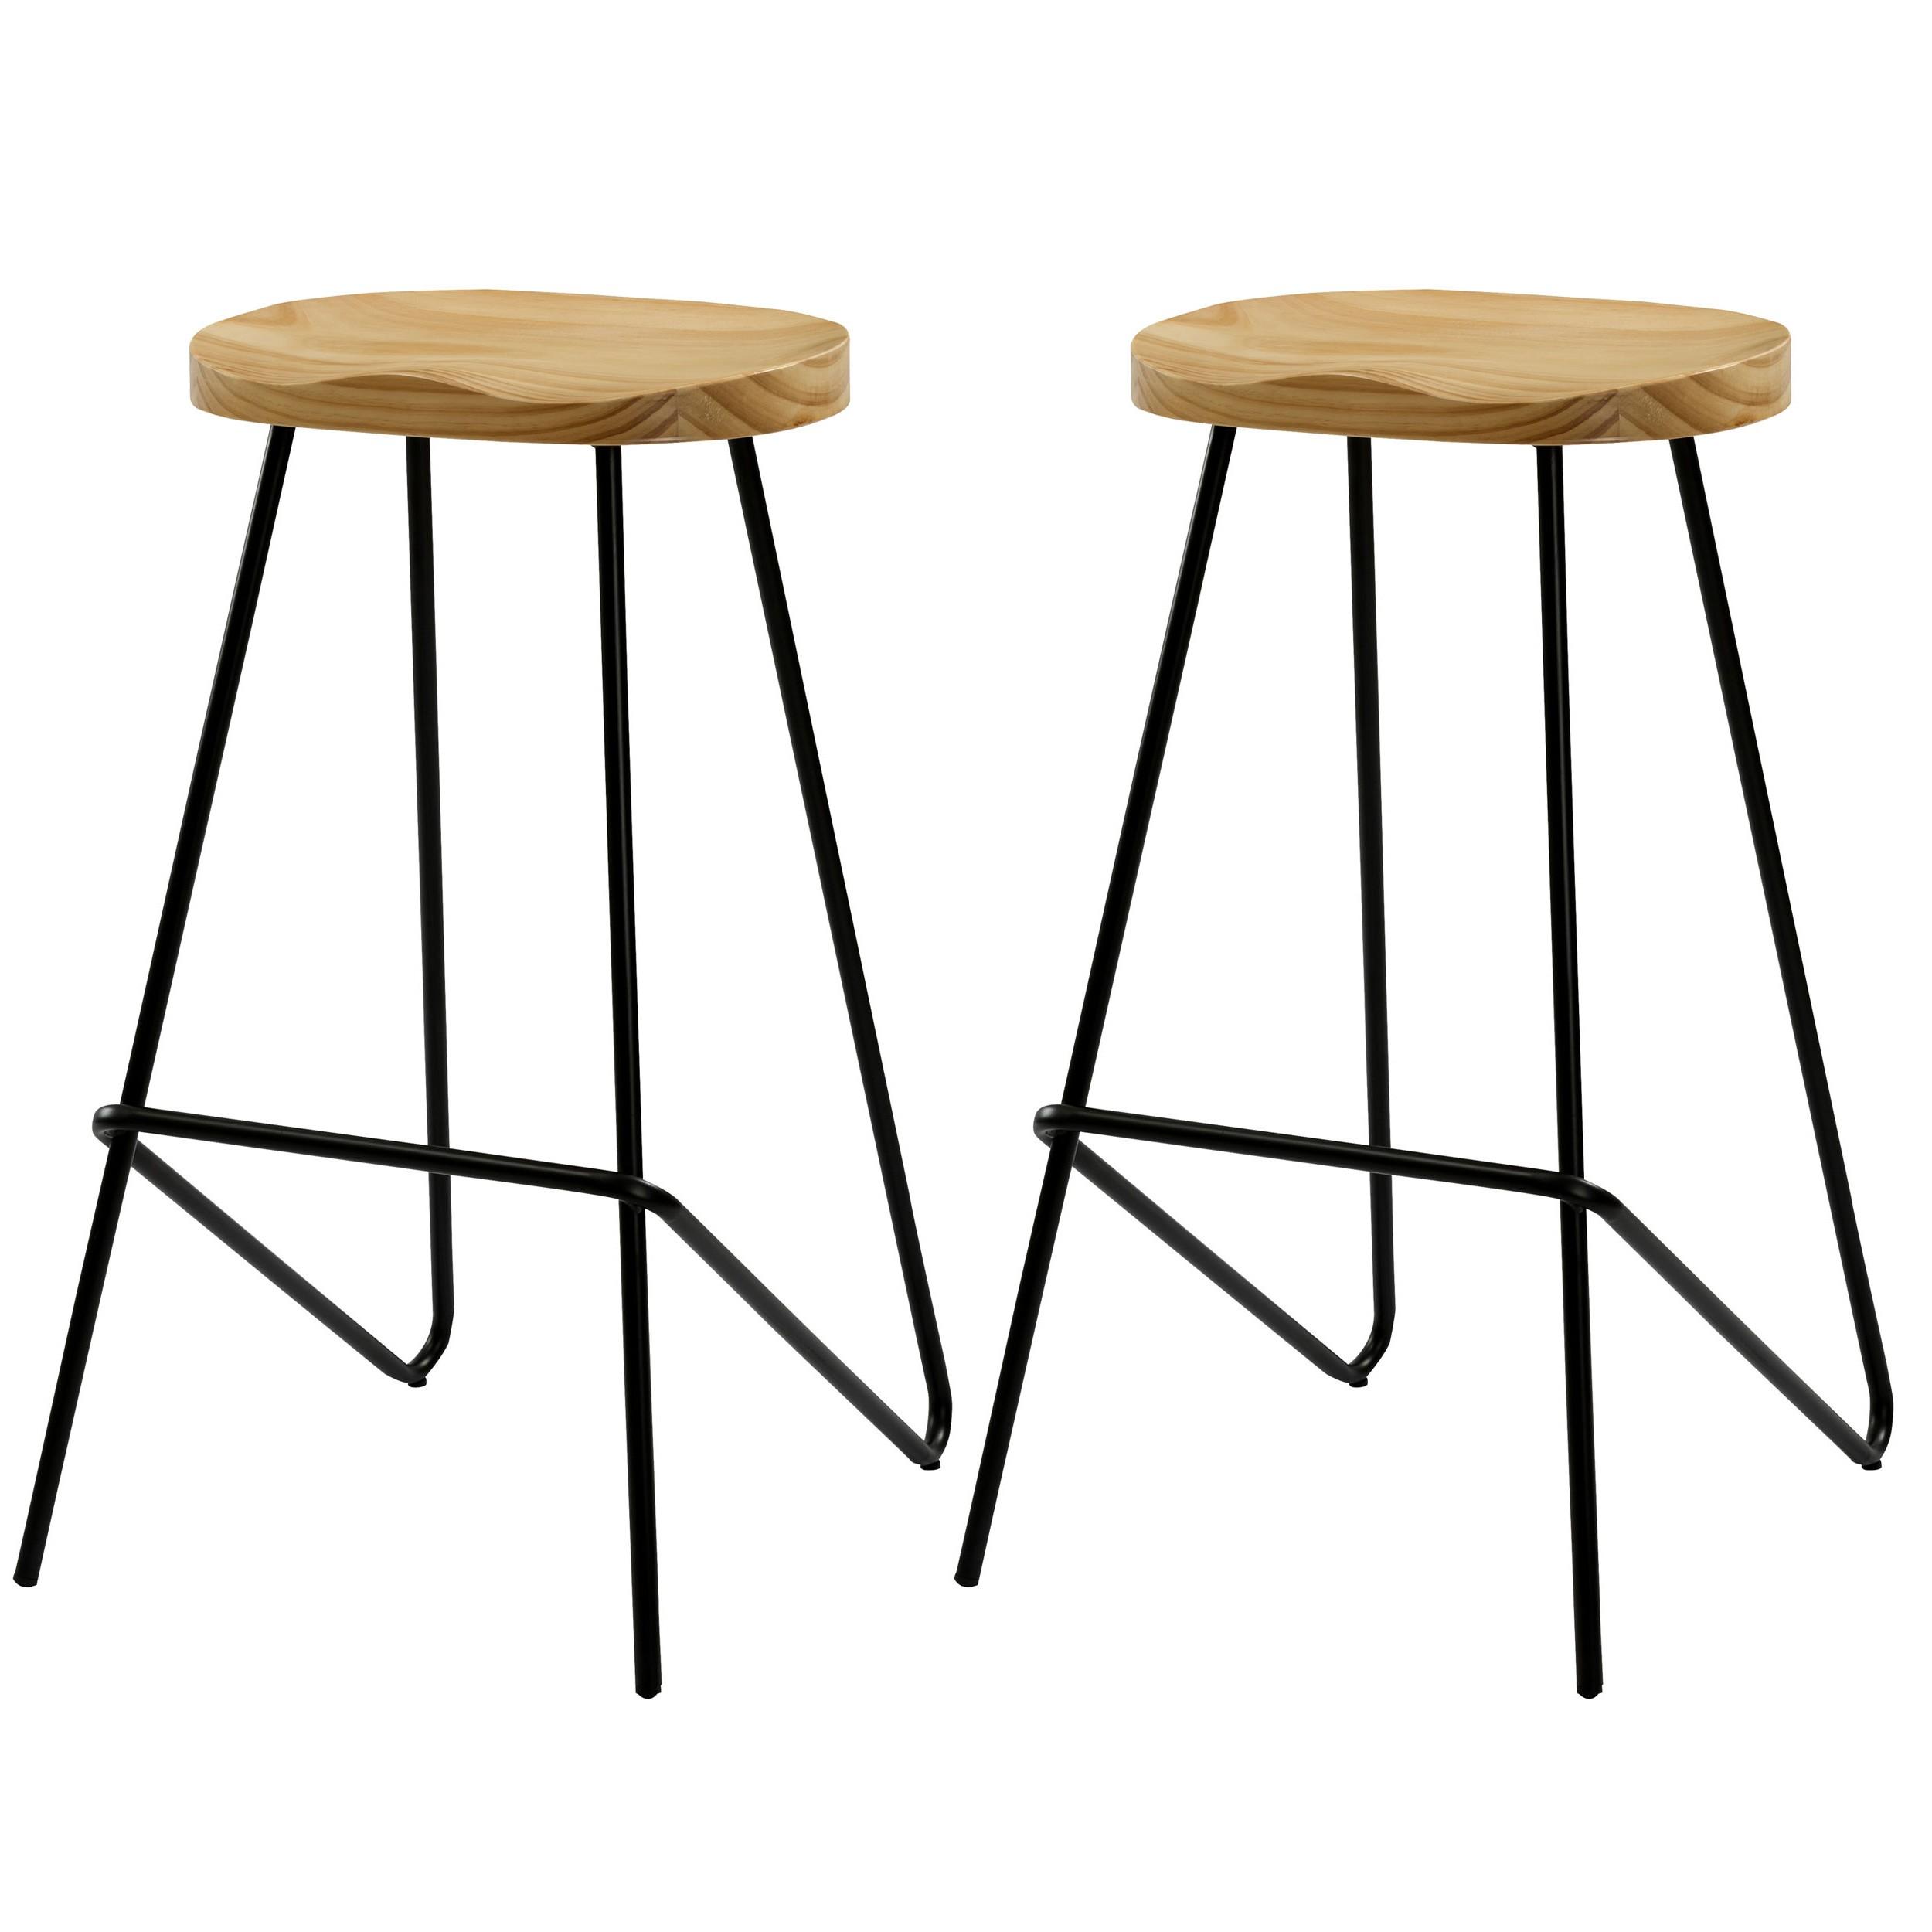 Chaise Bois Et Metal Industriel chaise de bar victoire en bois 78 cm (lot de 2)